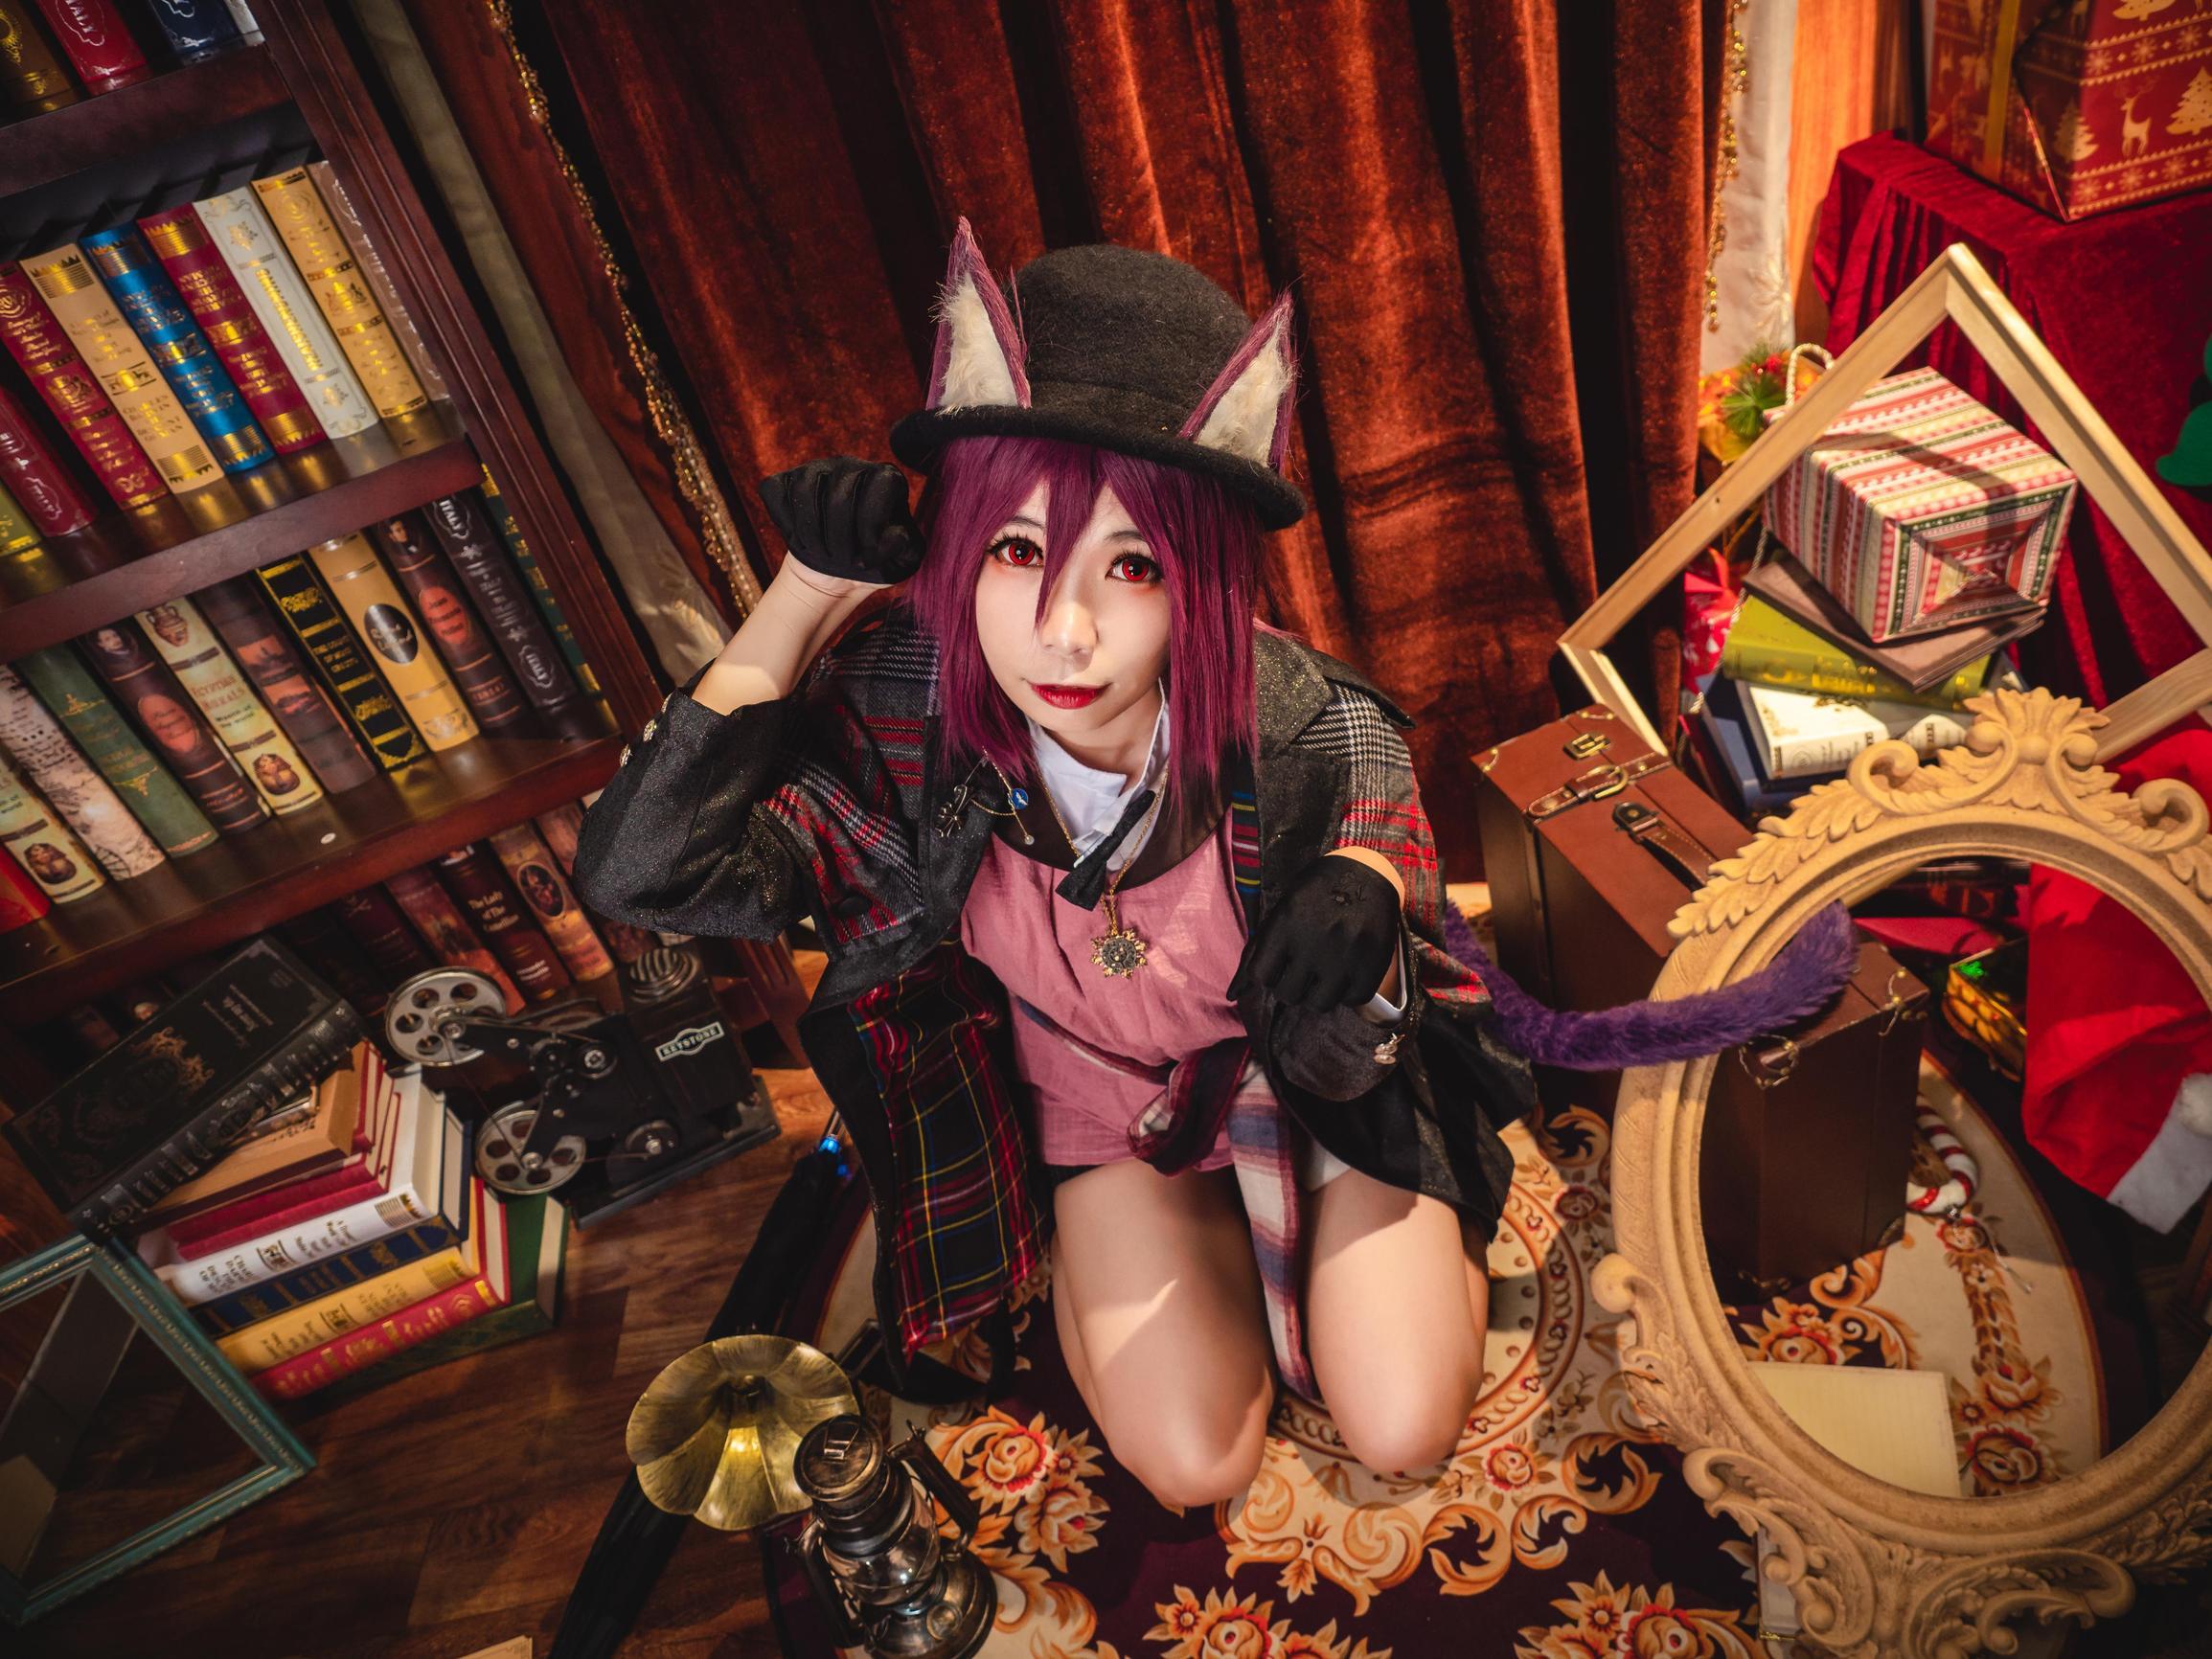 《明日方舟》剑圣cosplay【CN:海鲜君】-第4张